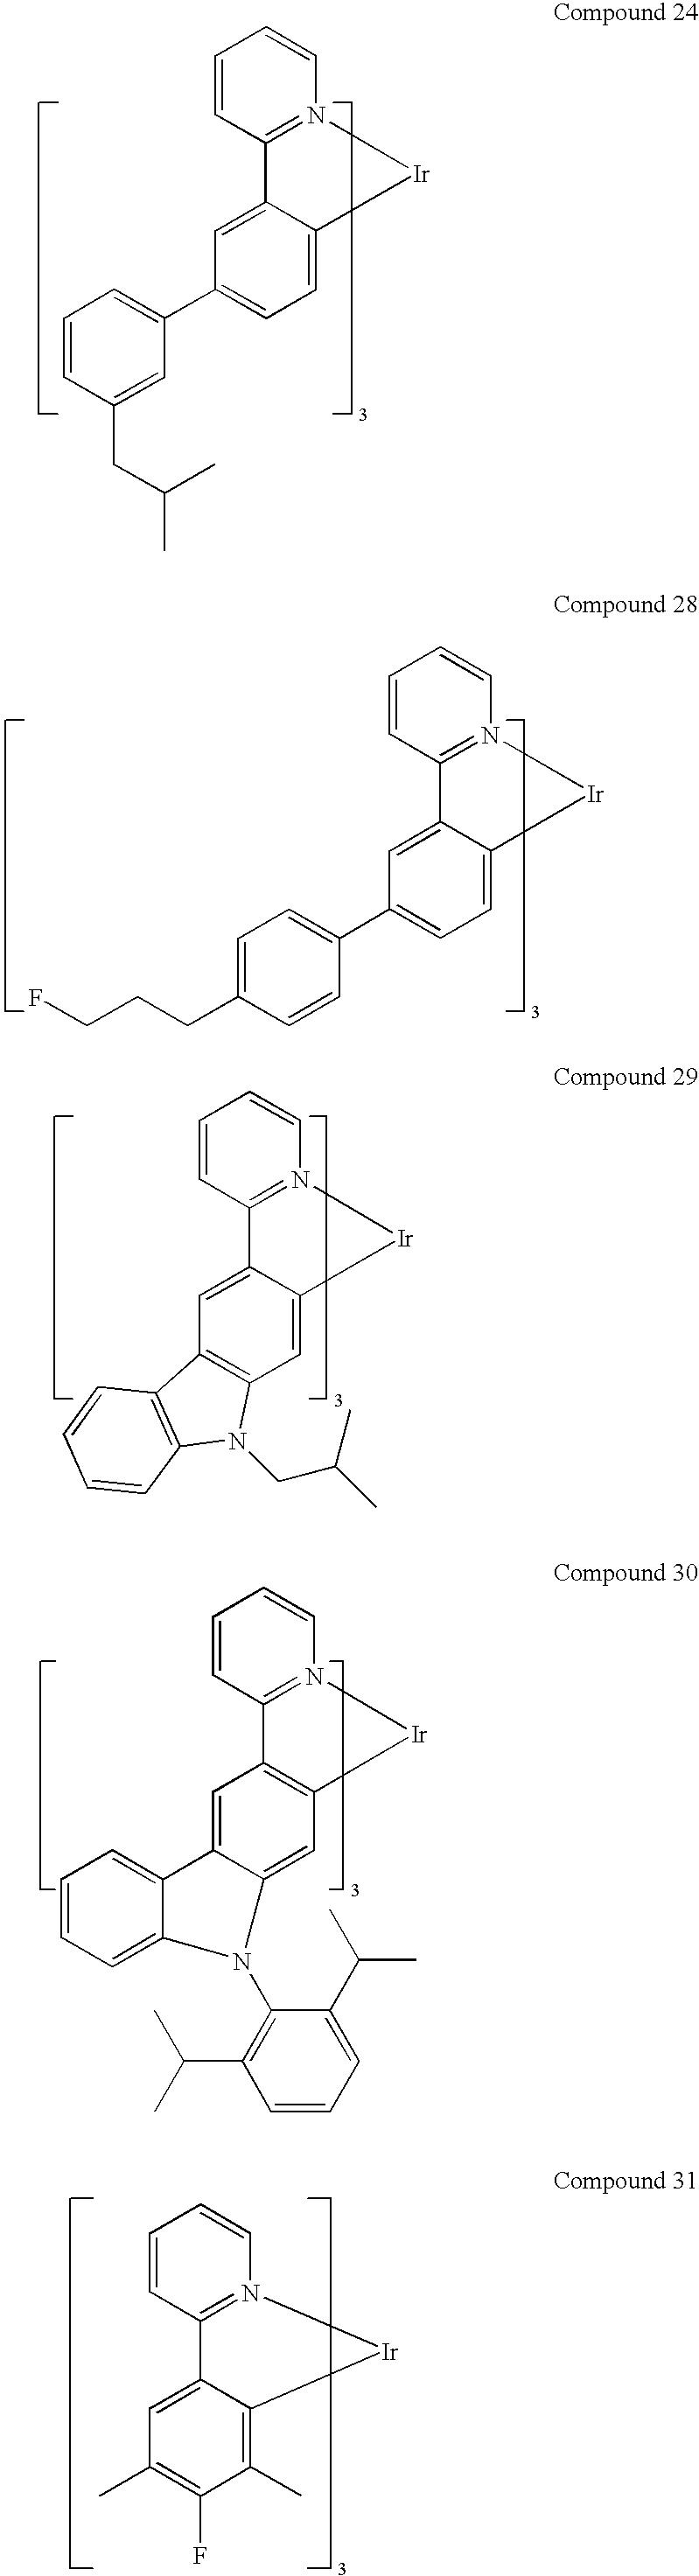 Figure US20090108737A1-20090430-C00247